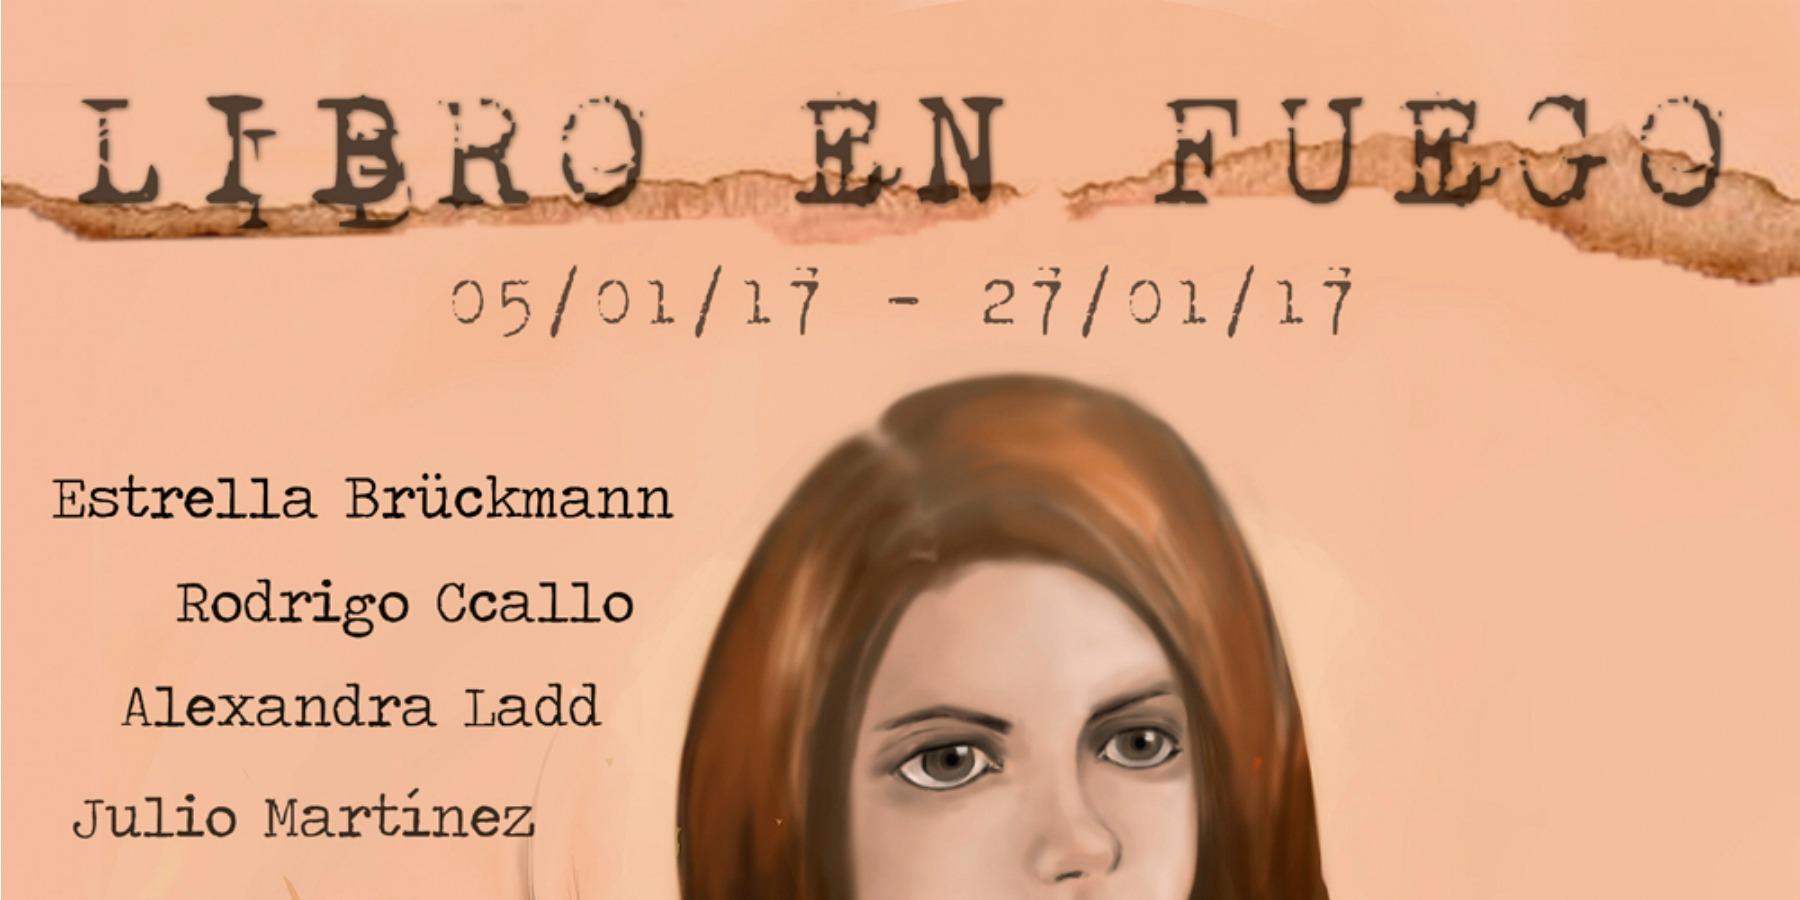 Libro en Fuego | Exposición de artes visuales en San Miguel